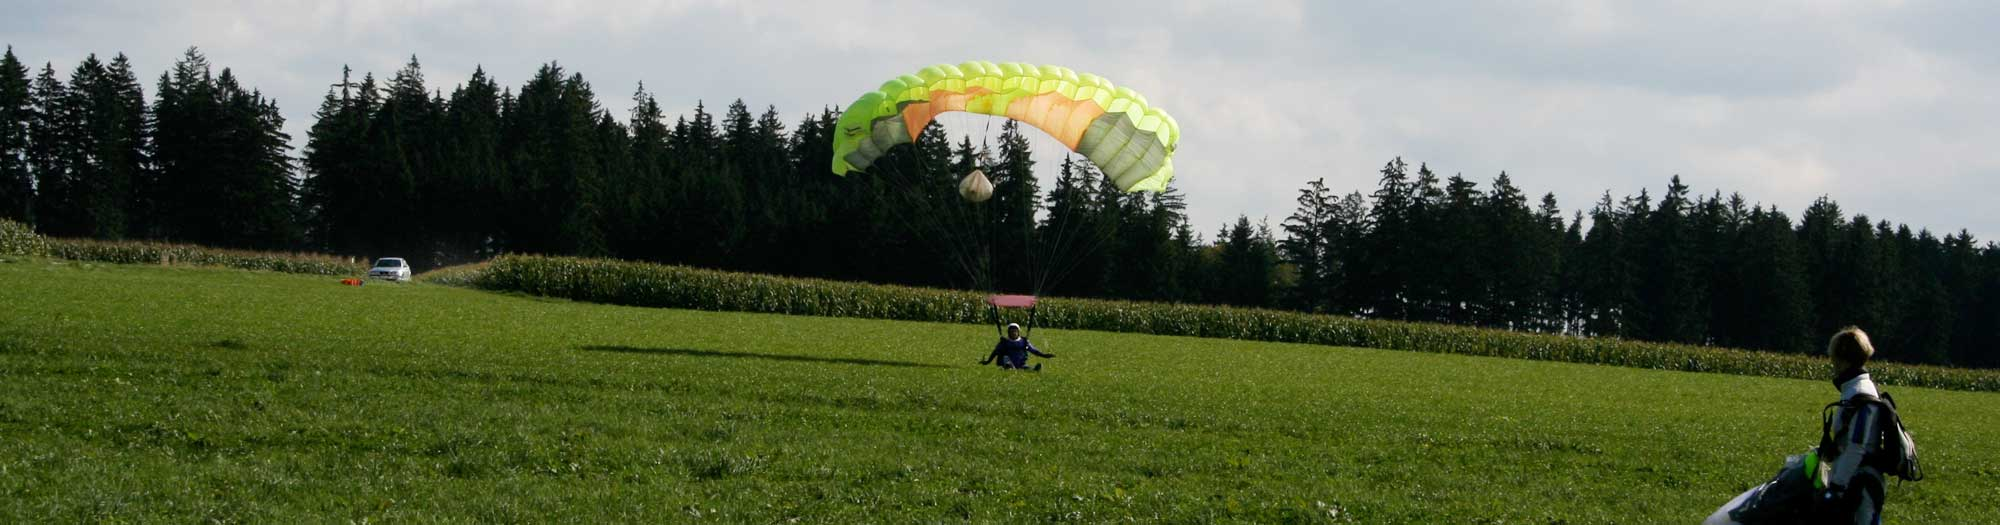 Fallschirmspringerin bei der Landung